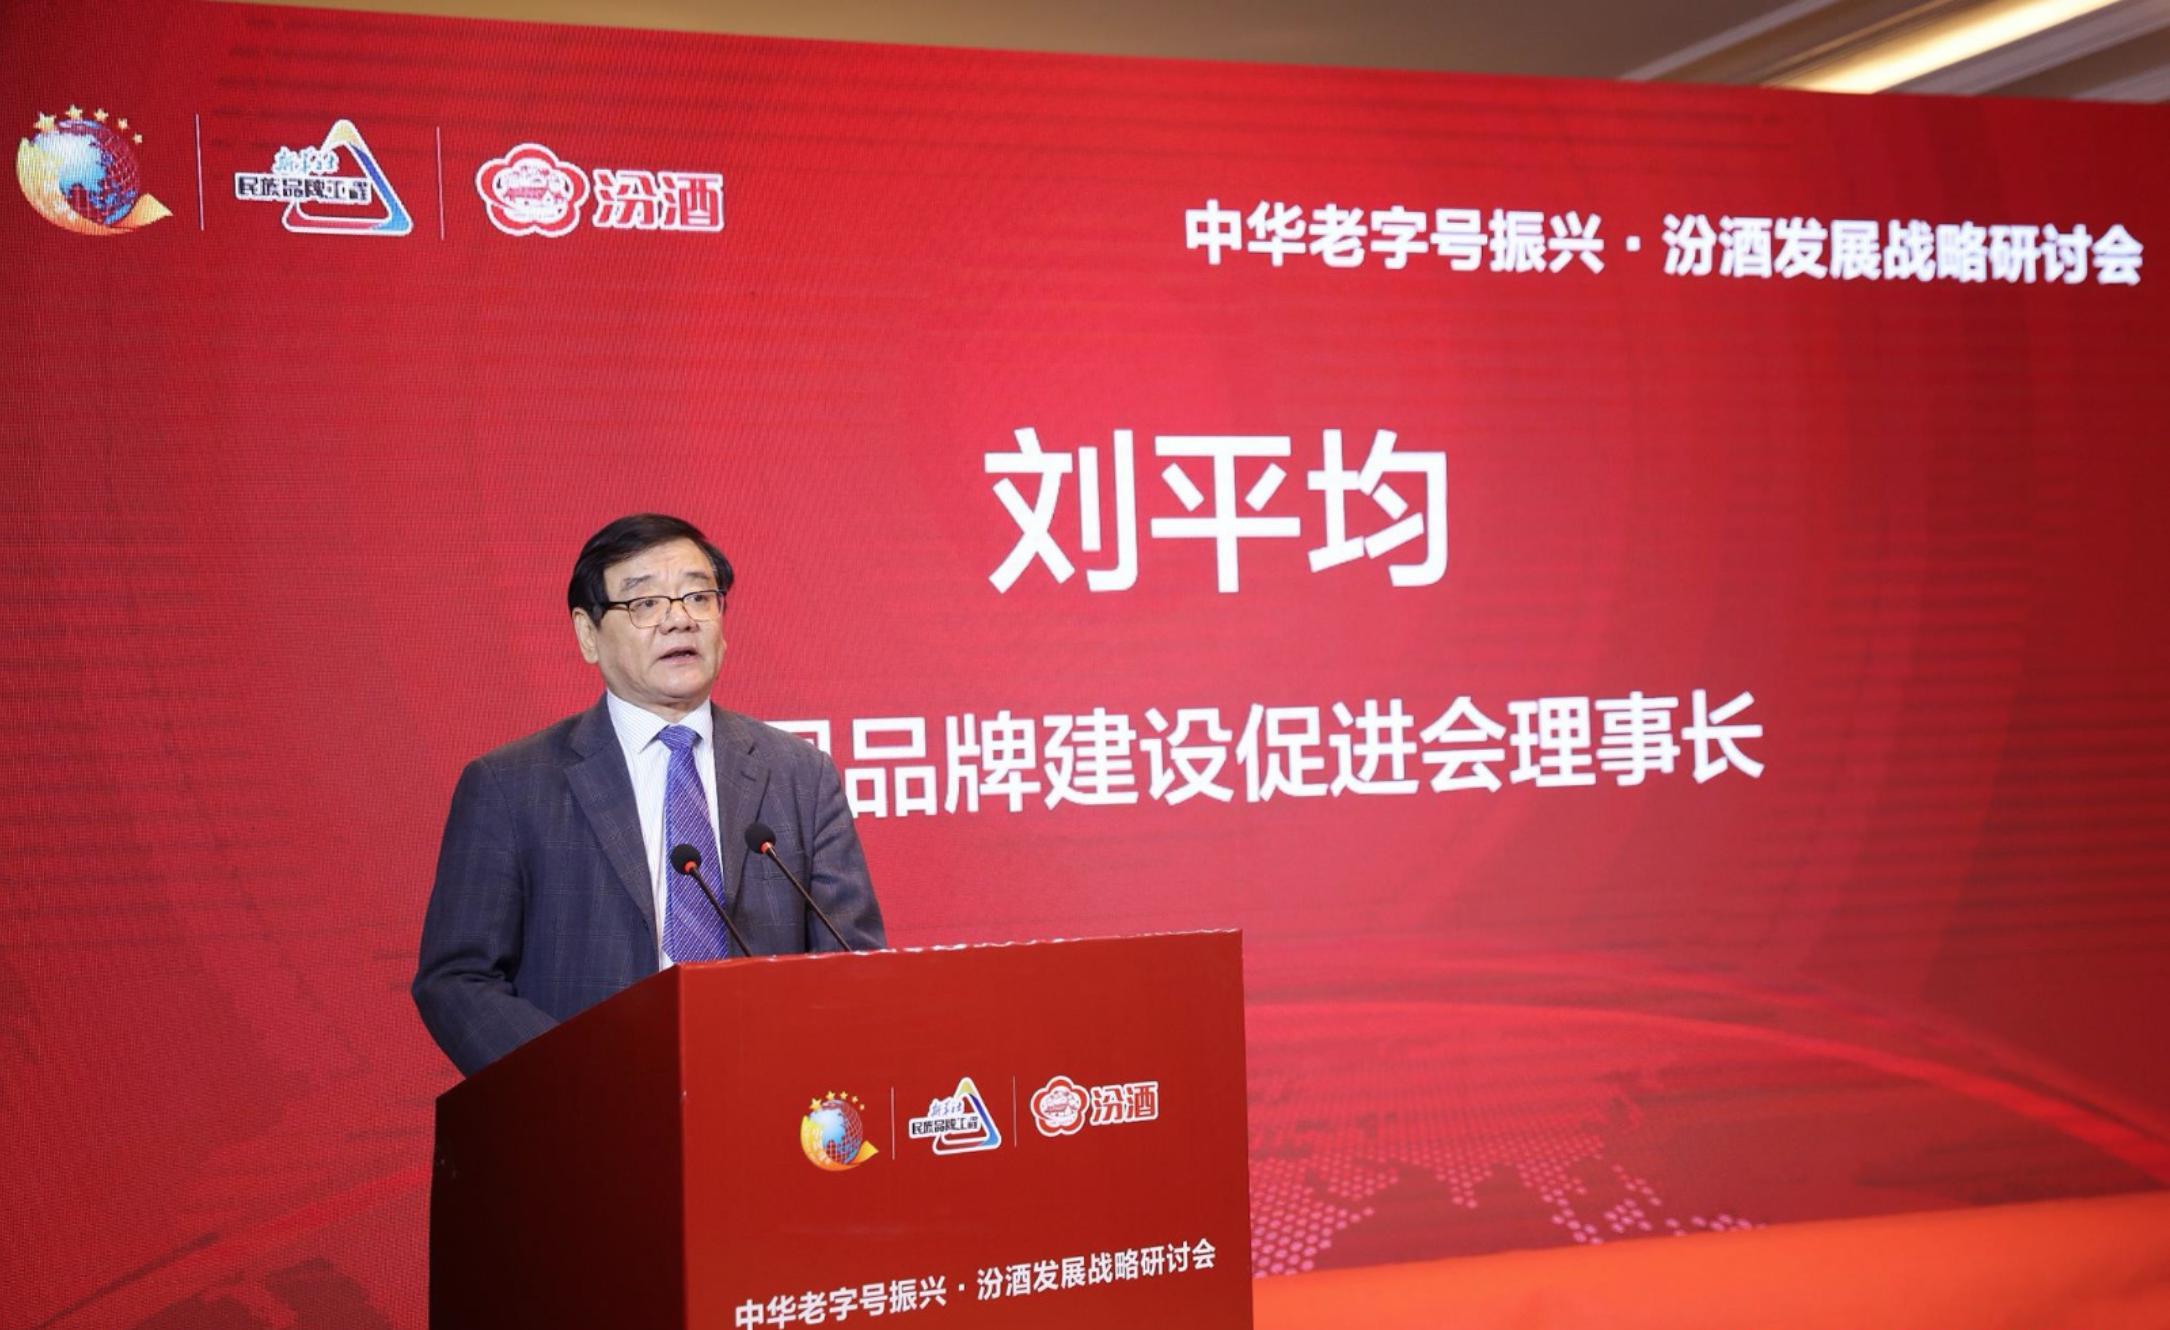 刘平均:培育国际优势品牌集群 推动汾酒走向世界